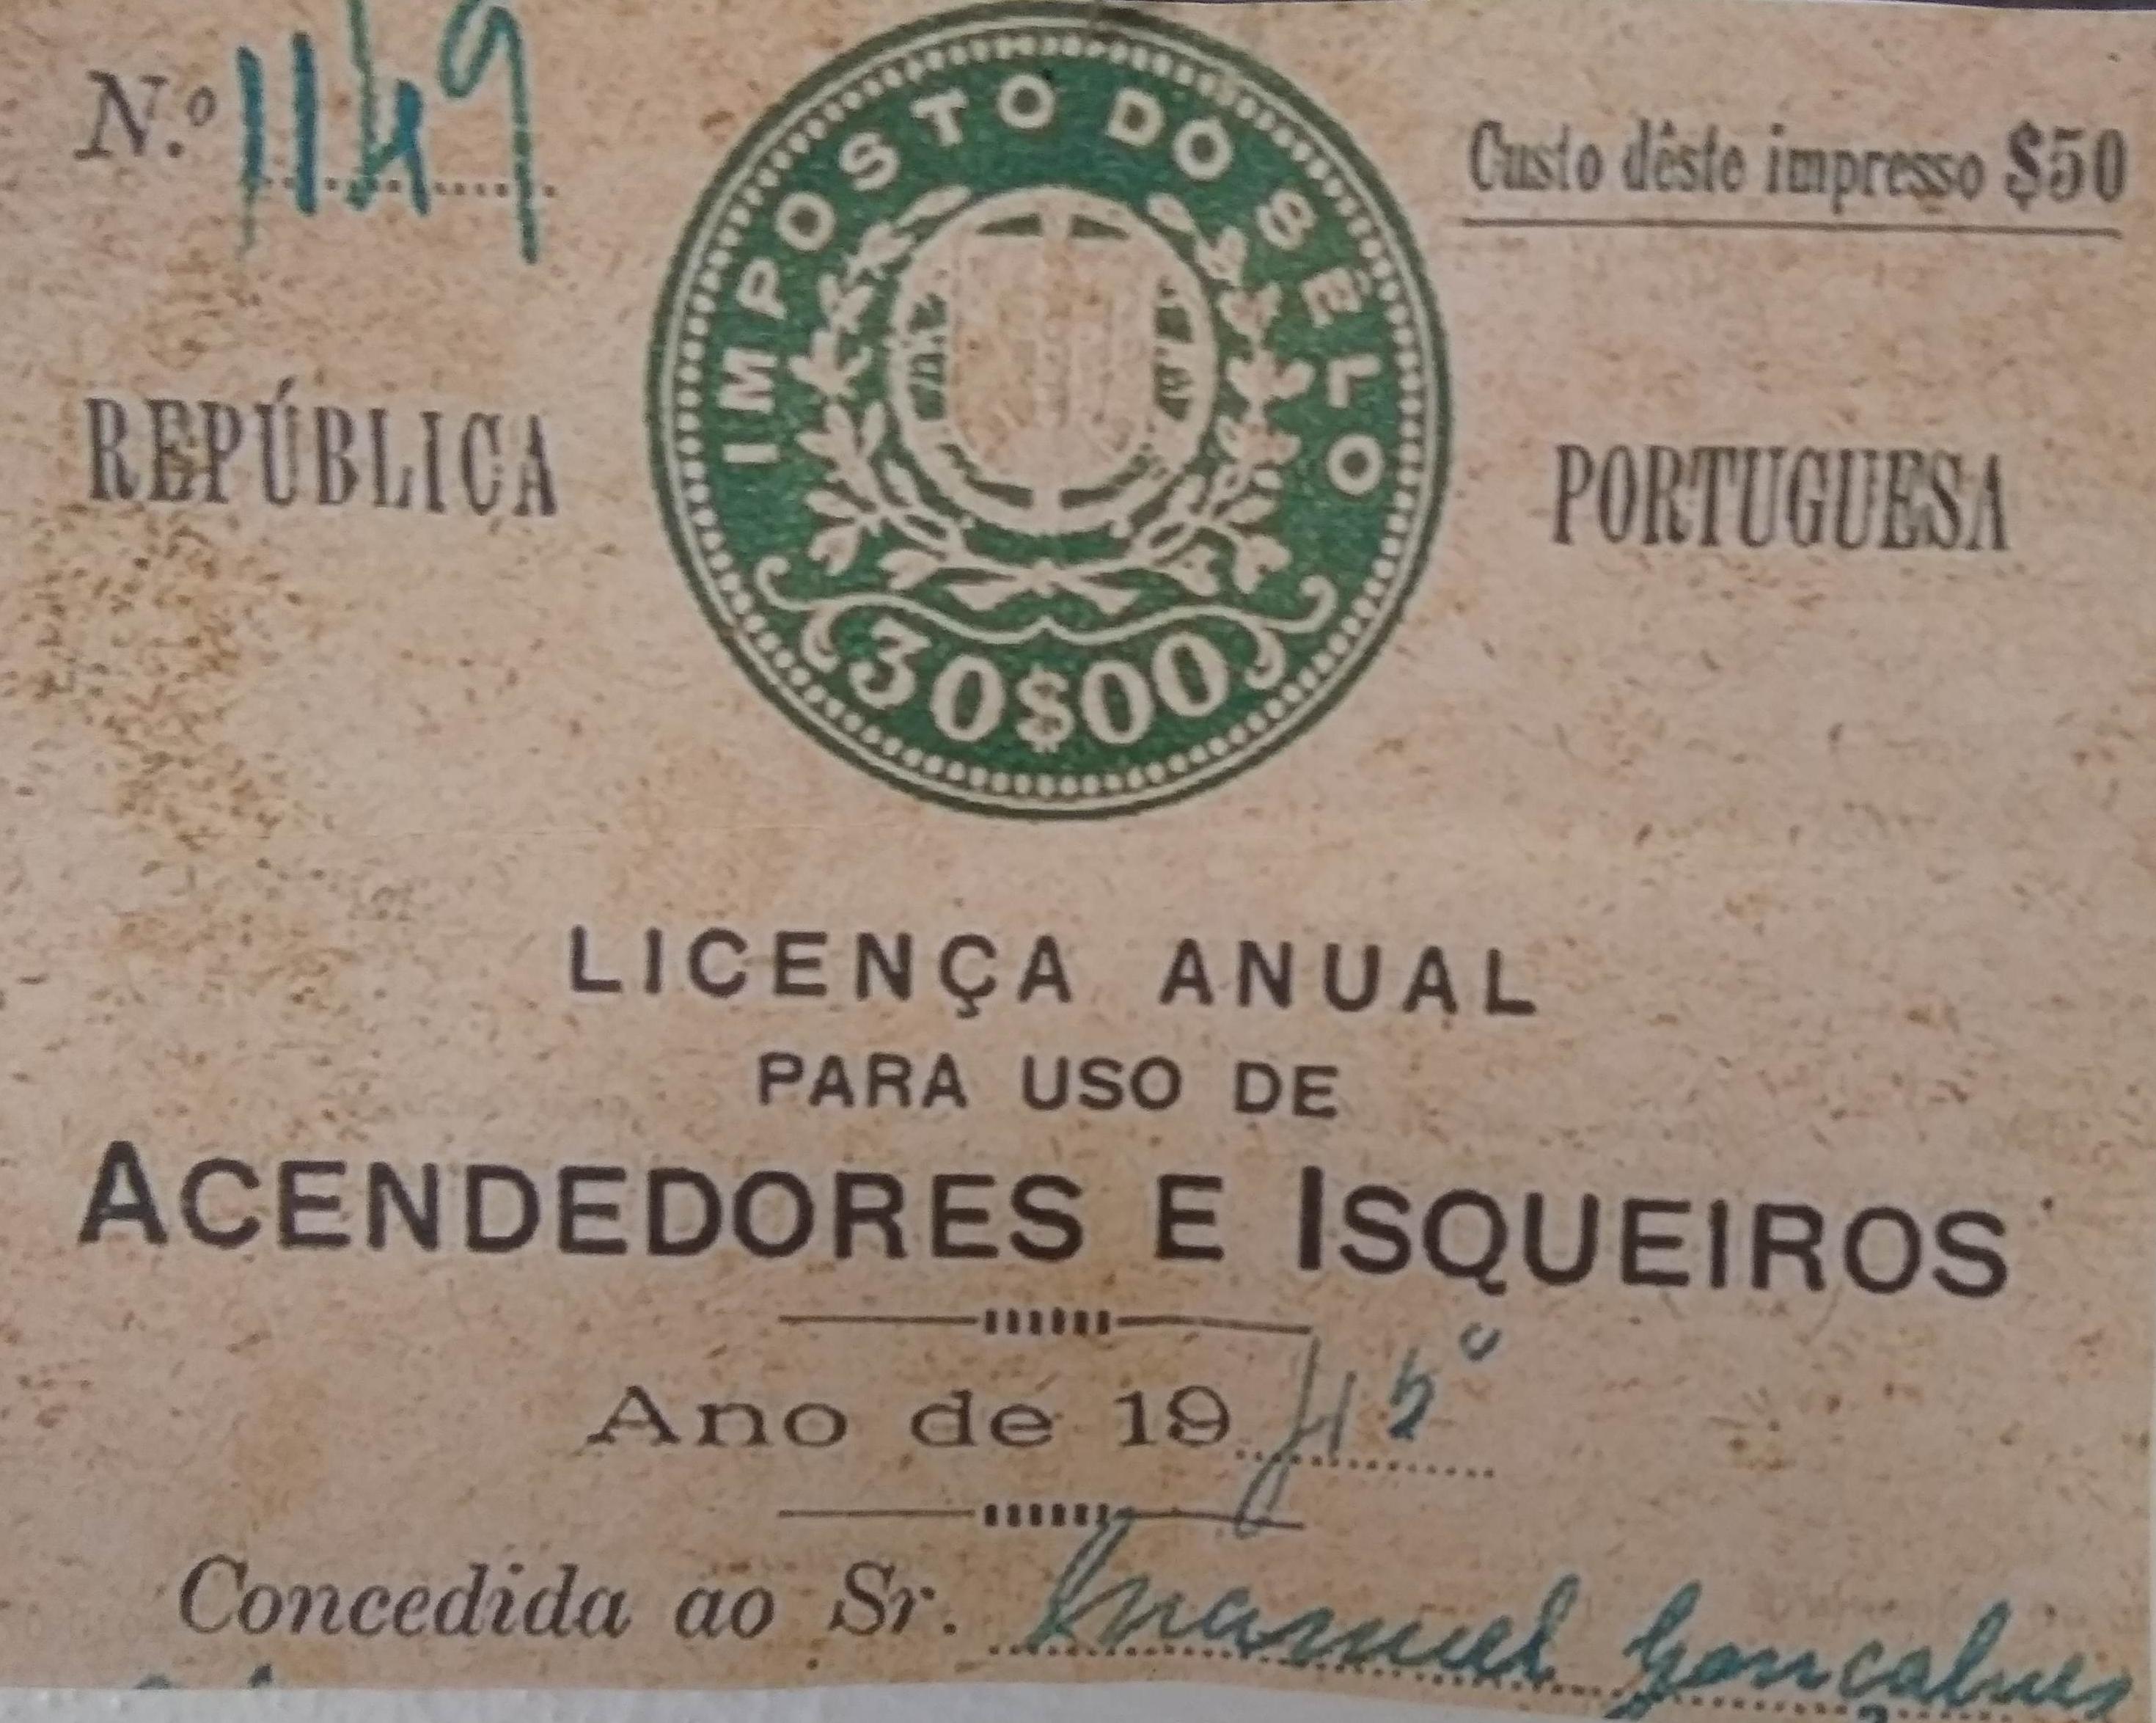 Licença Anual para Uso de Acendedores e Isqueiros